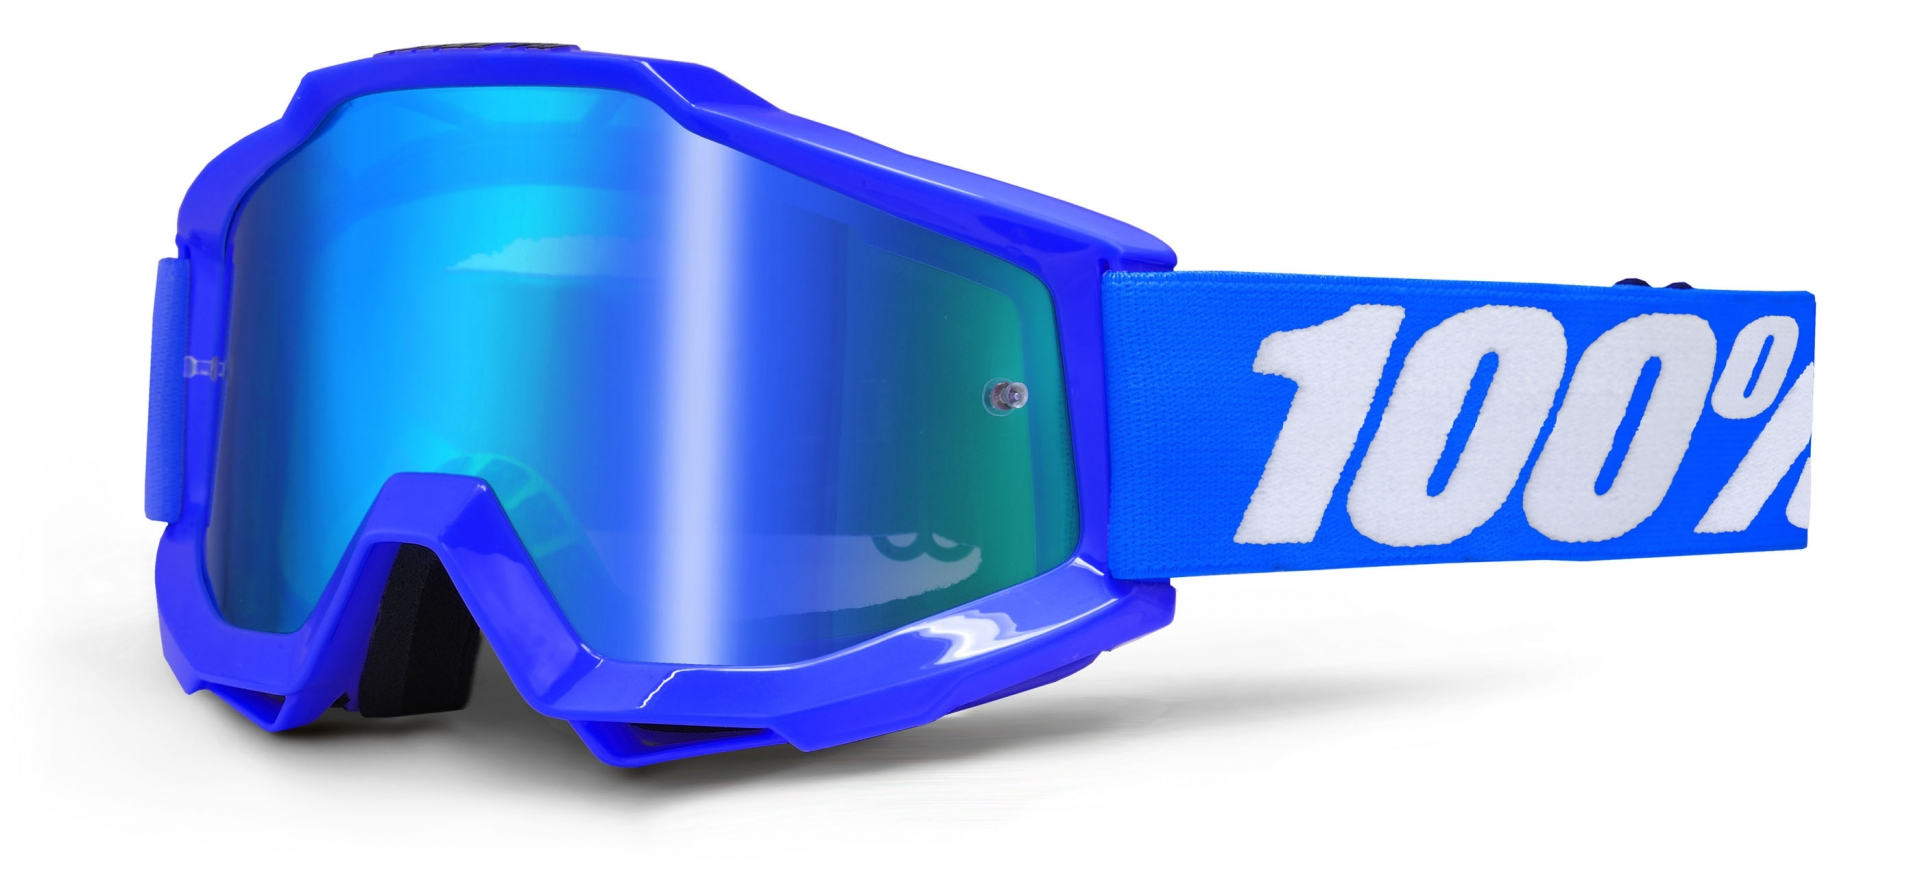 Masque 100% Accuri Reflex Blue écran miroir bleu (Bleu)